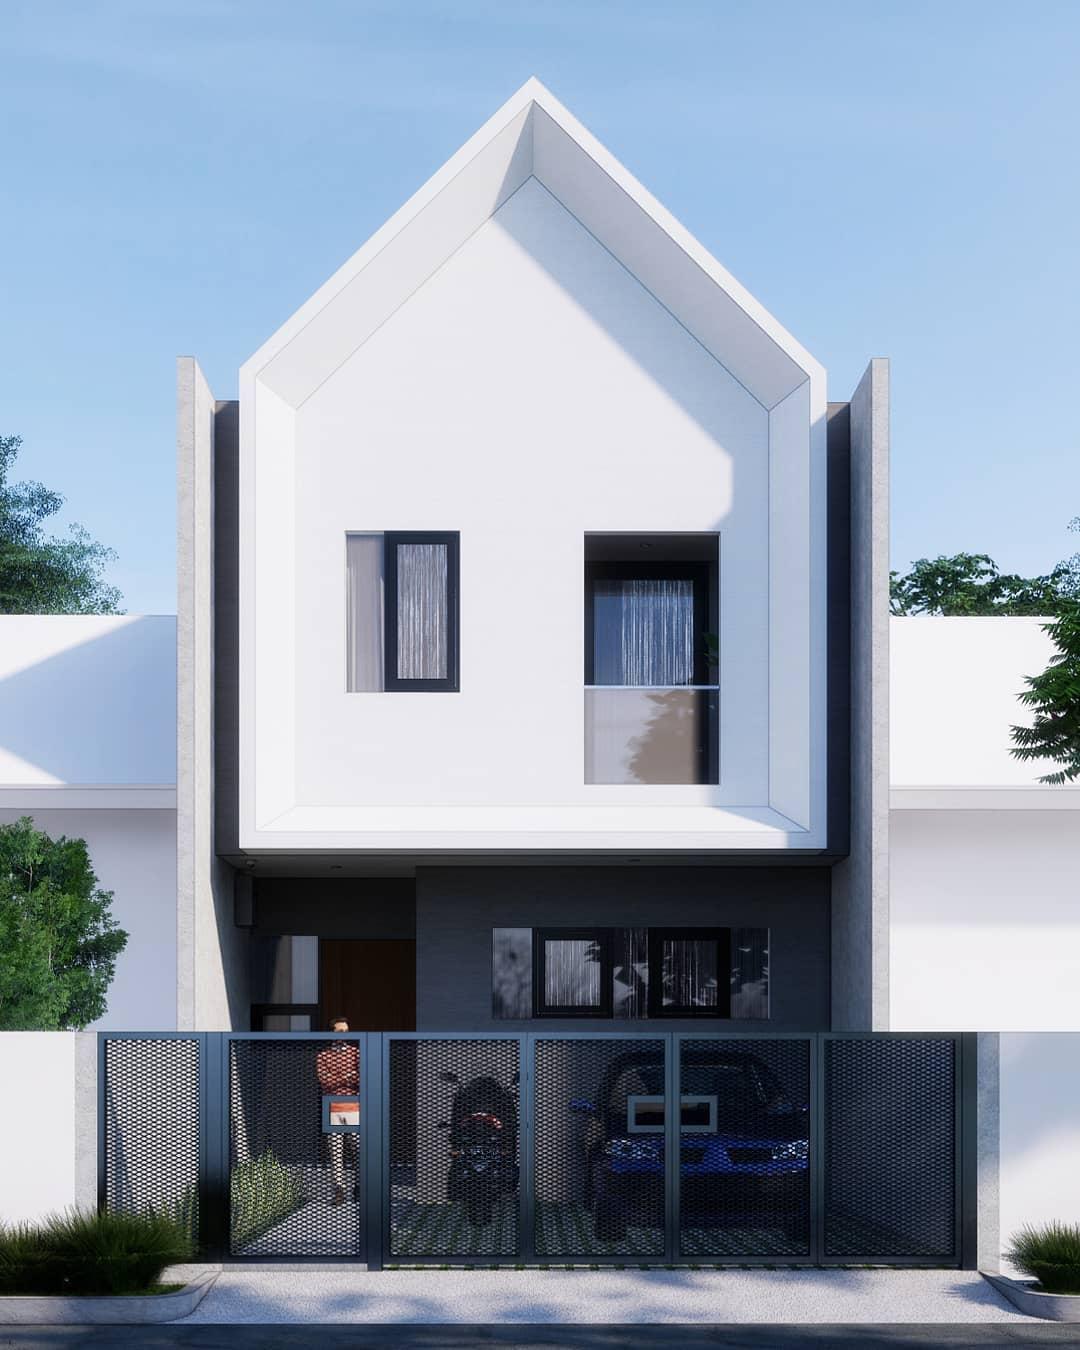 Contoh Rumah Minimalis 2 Lantai Modern Tampak Depan